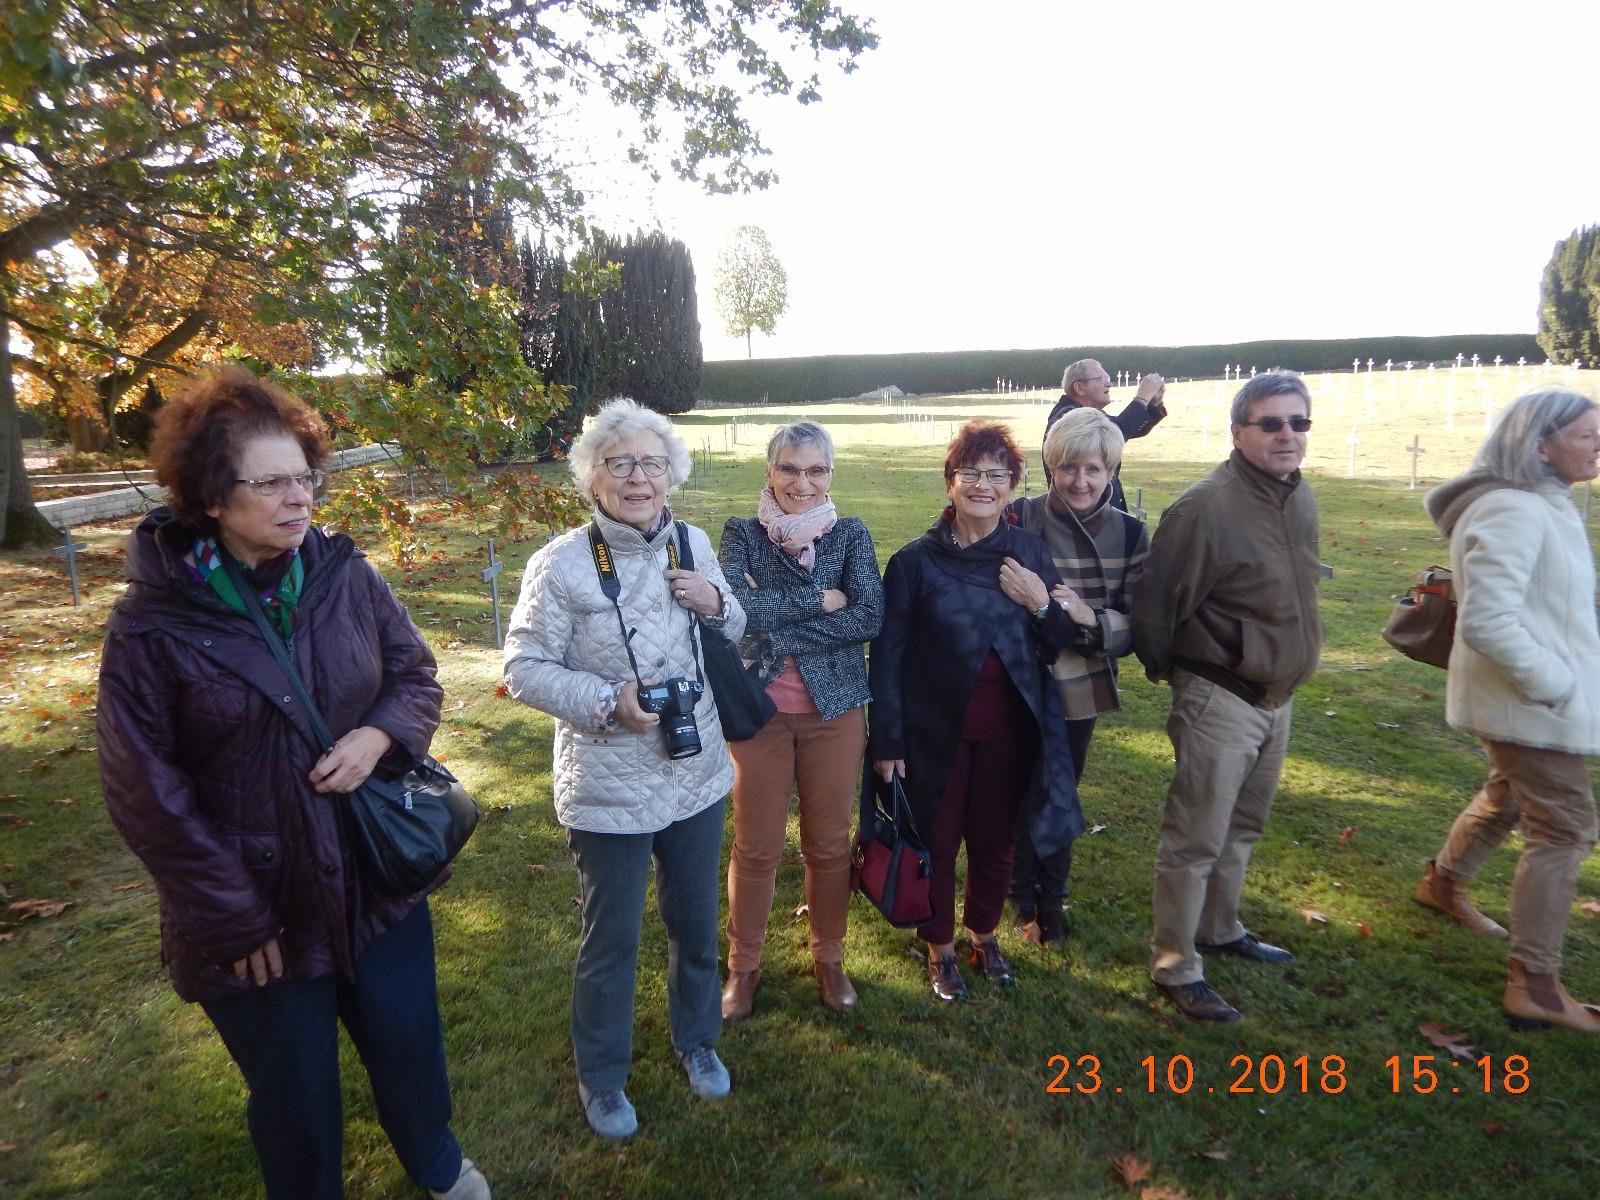 Cérémonie avec le Volksbund de Brême